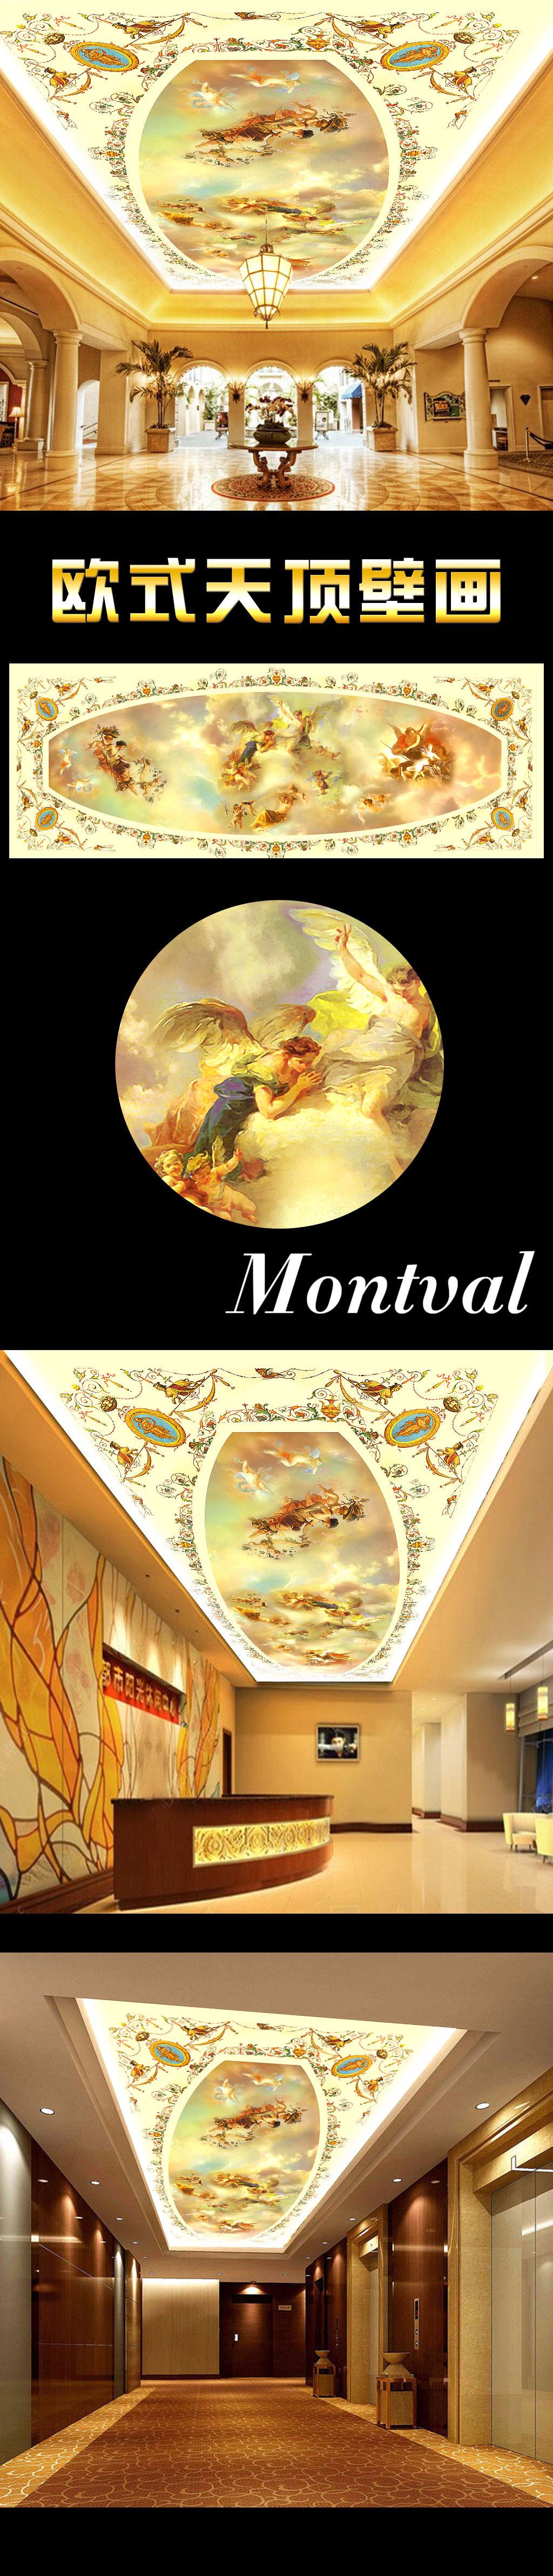 欧式皇家天使手绘立体油画吊顶天顶壁画